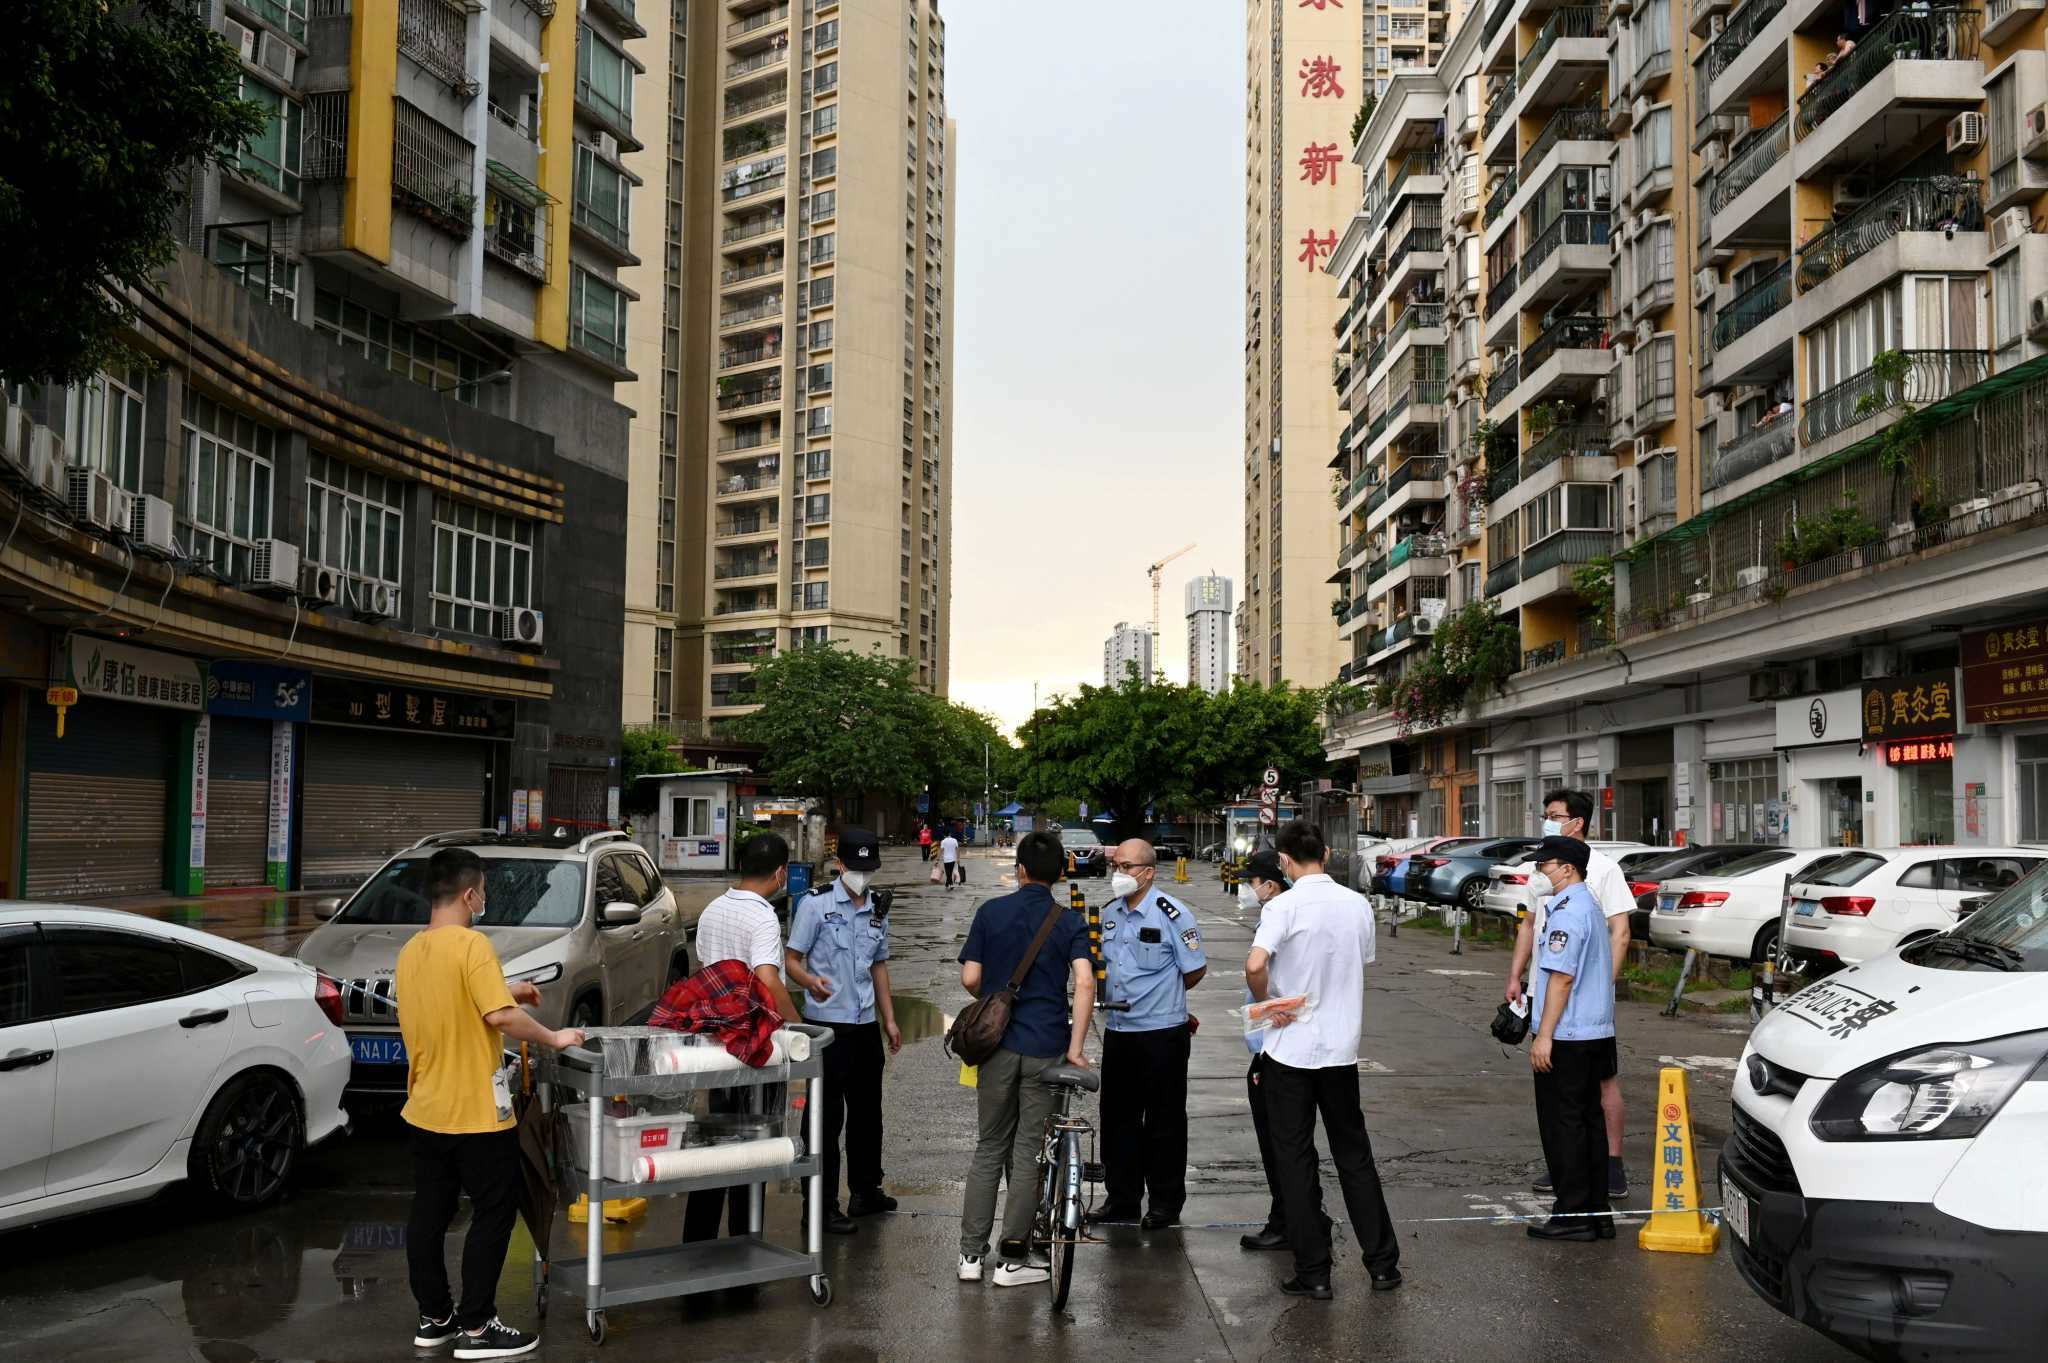 Κίνα: Πέντε νεκροί από επίθεση με μαχαίρι – Τραυματίστηκαν άλλοι 15 (vids)